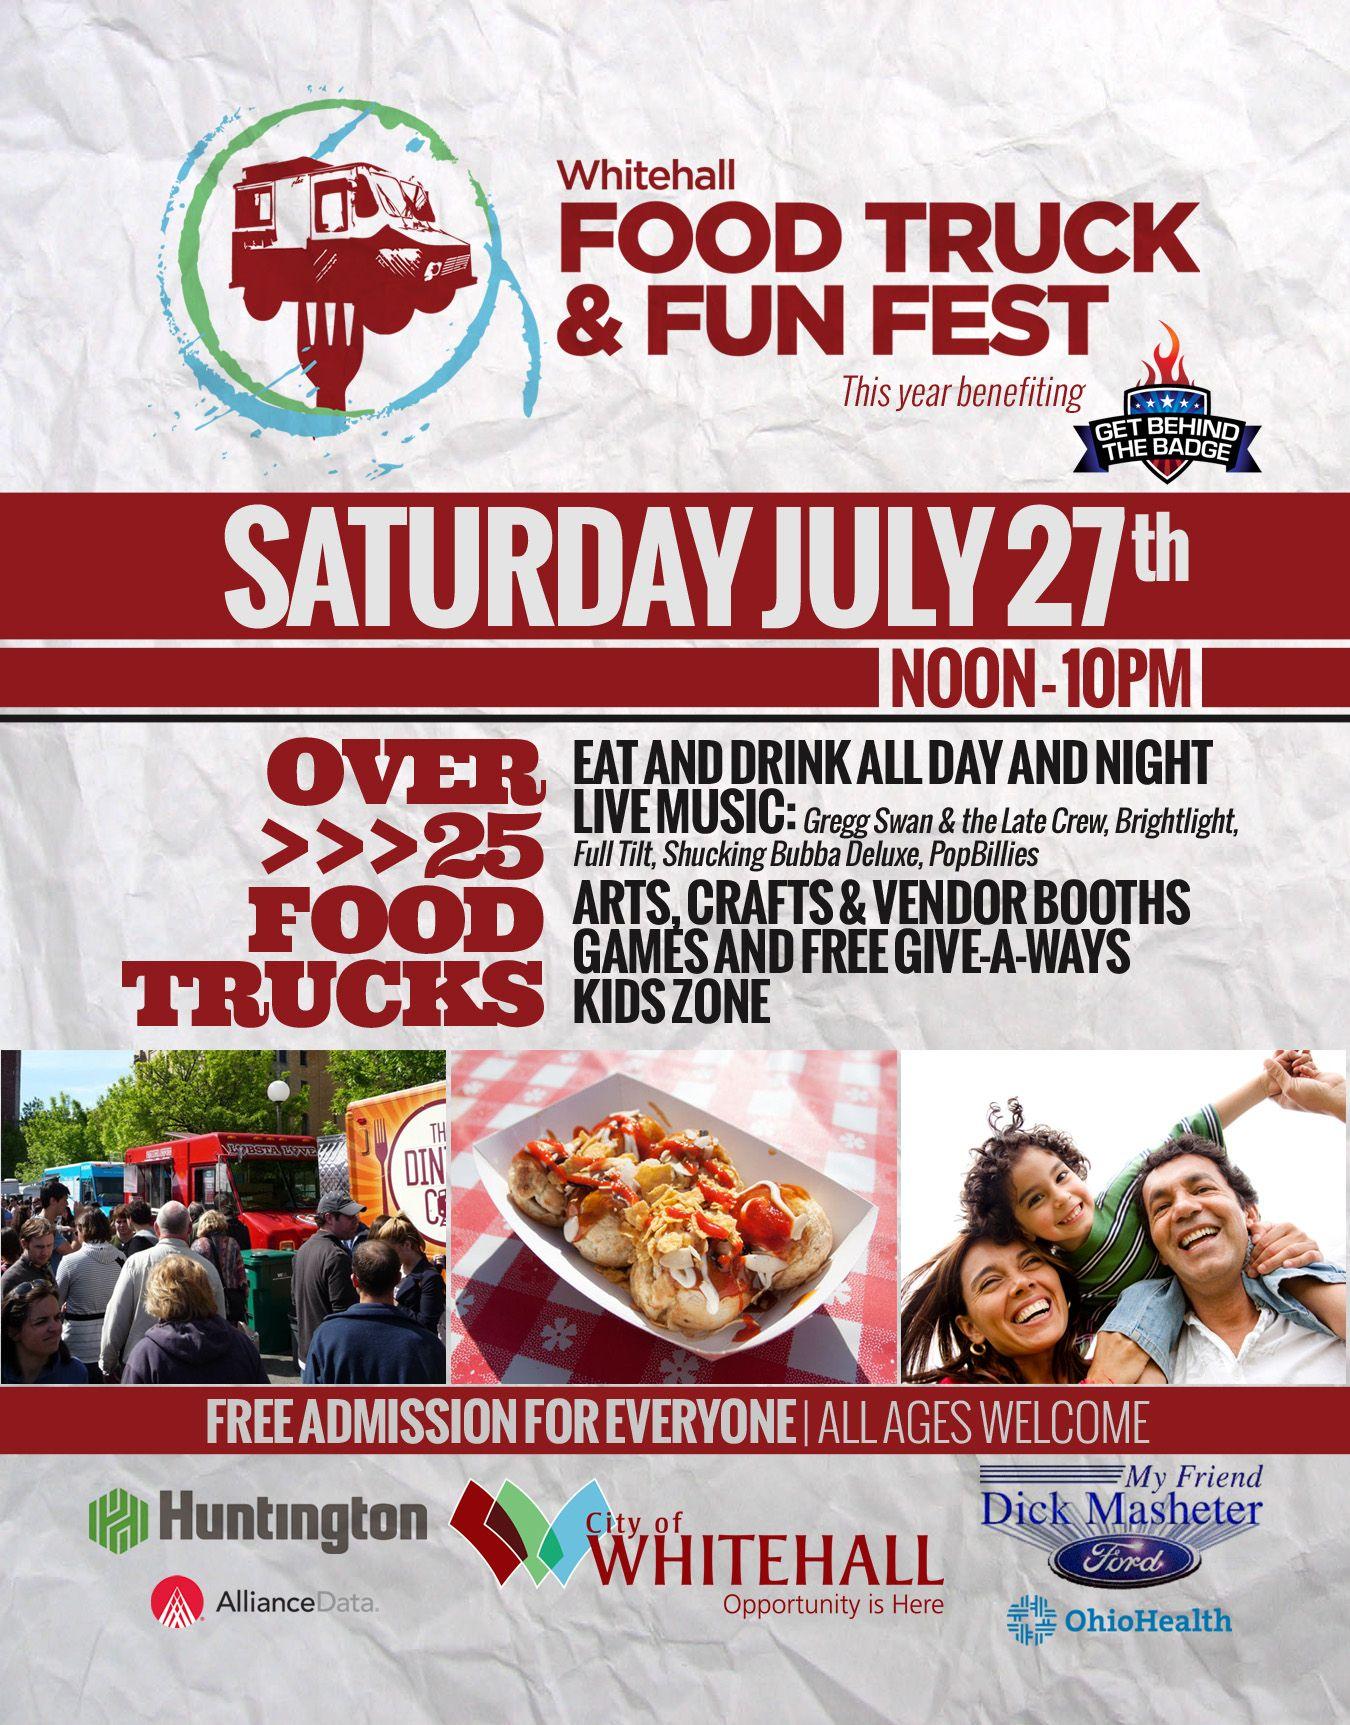 Whitehall Food Truck Festival